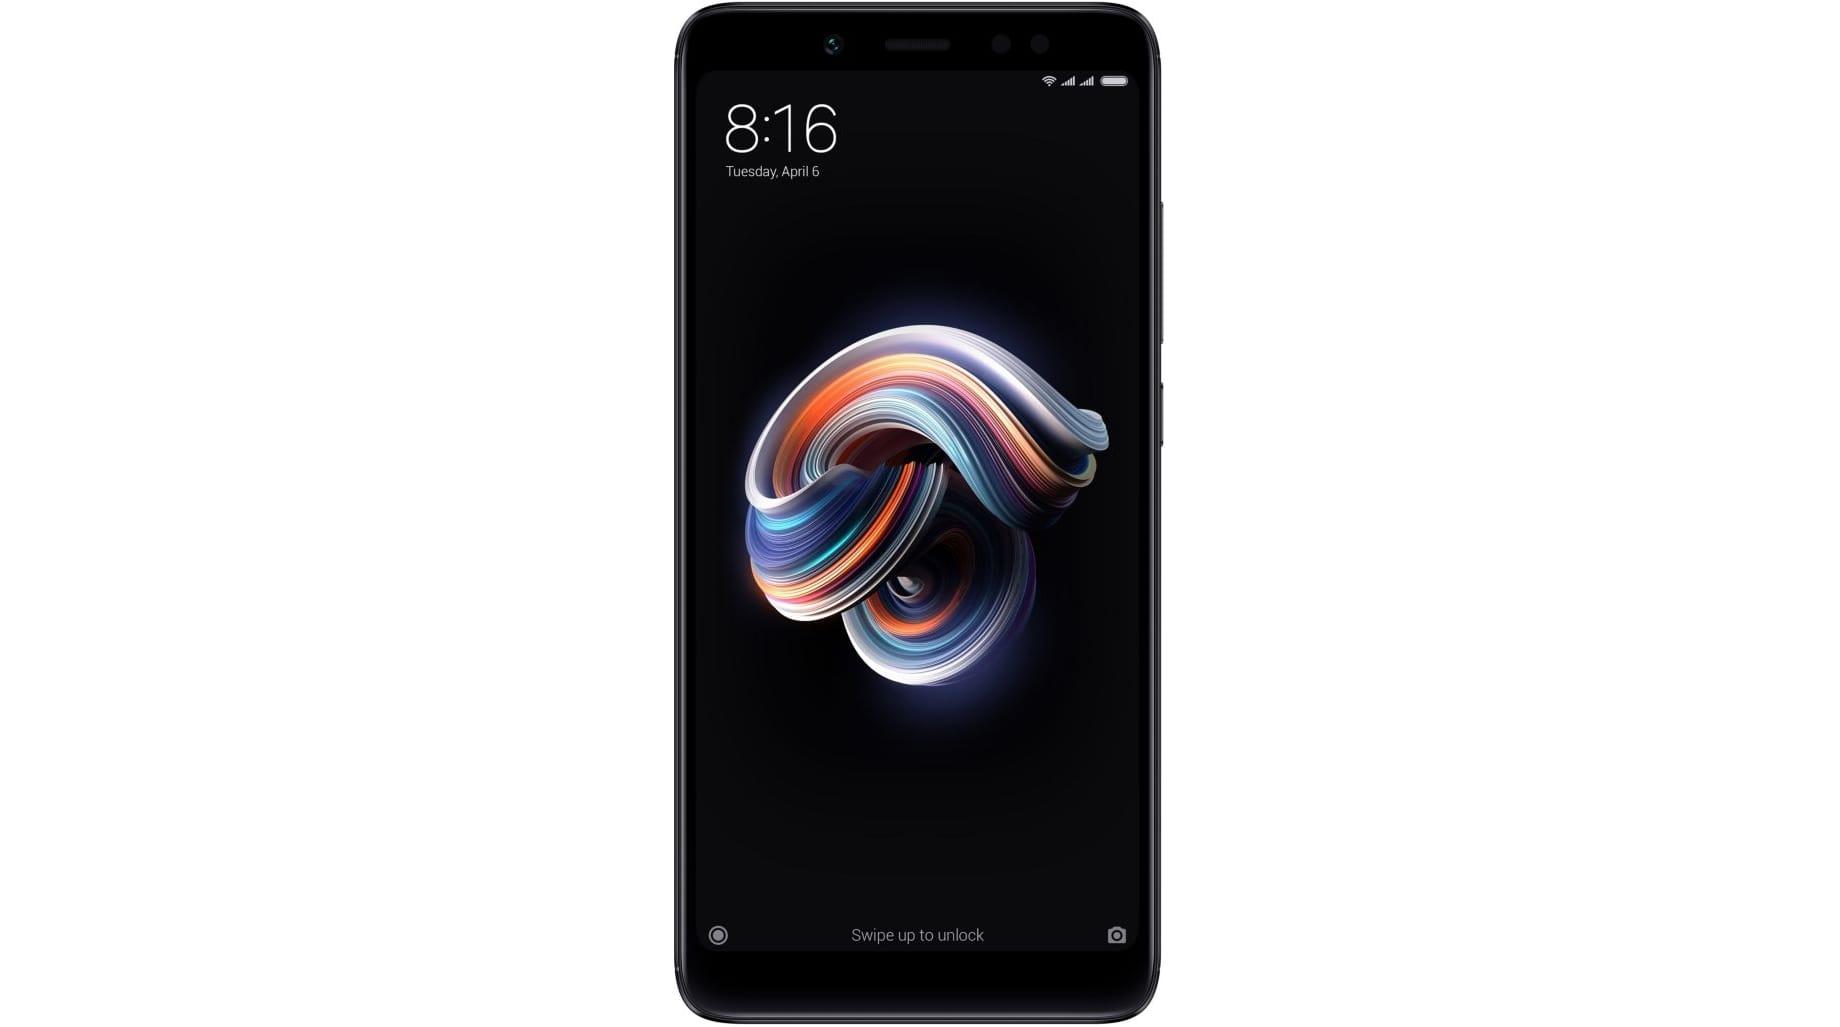 🔥 Bon plan : le Xiaomi Redmi Note 5 64 Go est disponible à 150 euros au lieu de 199